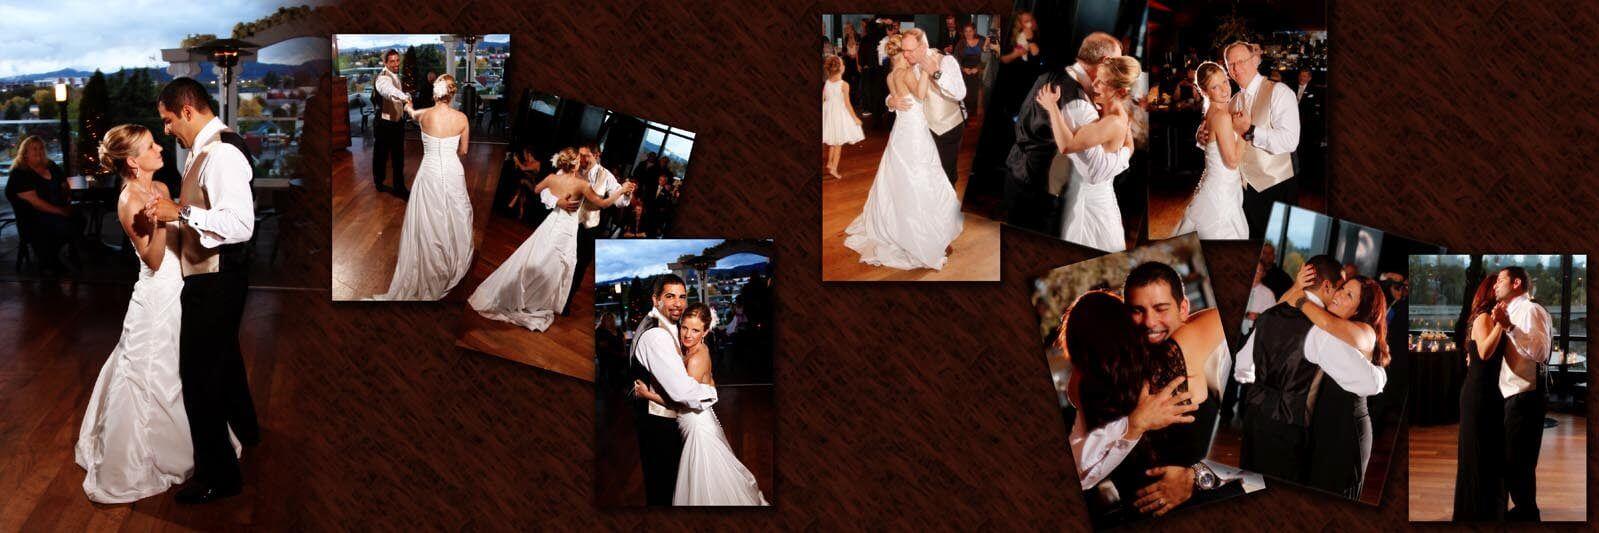 The-Vue-Indoor-Wedding-Venue-Corvallis-Oregon-wedding-photographers044-045.jpg